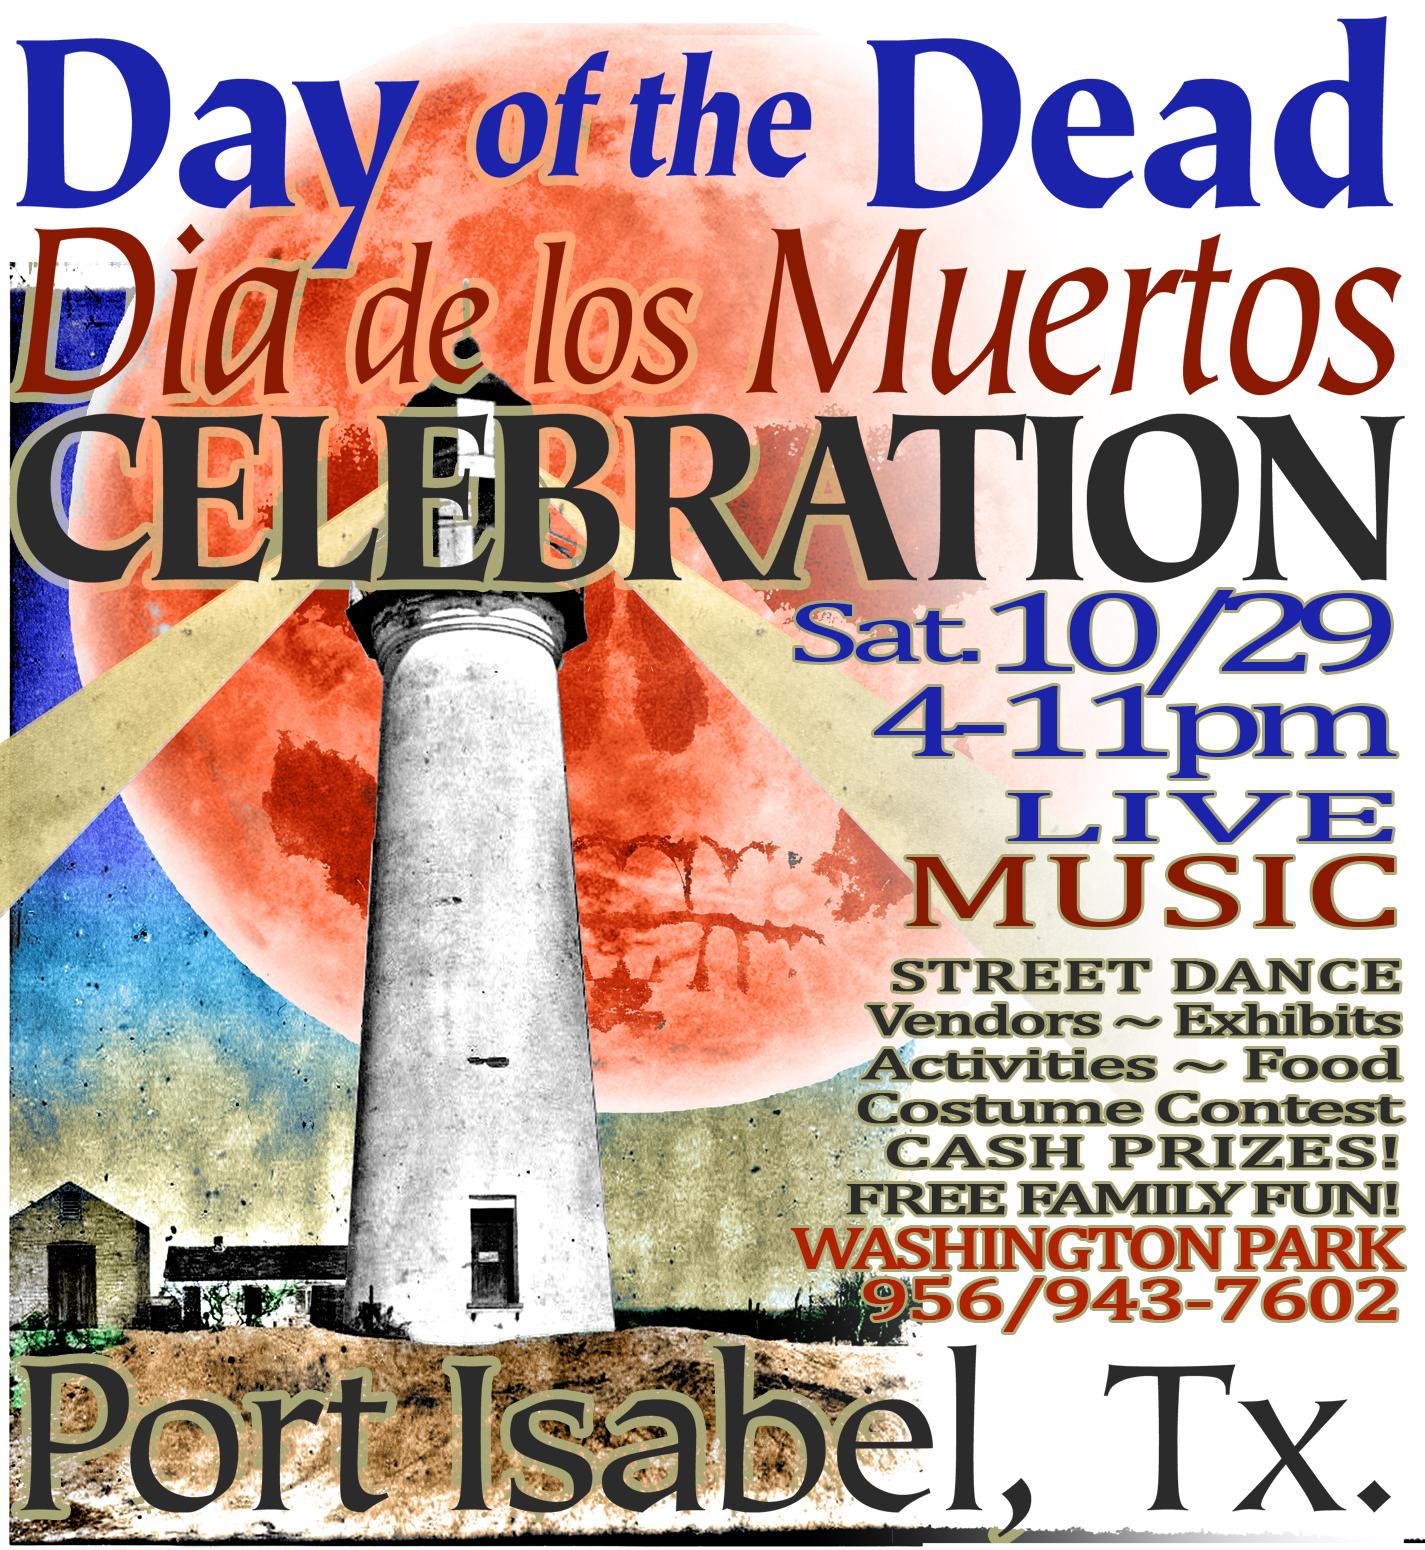 Day of the Dead Celebration ~ Dia de los Muertos! Washington Park. 10/29 4 - 11 p.m.